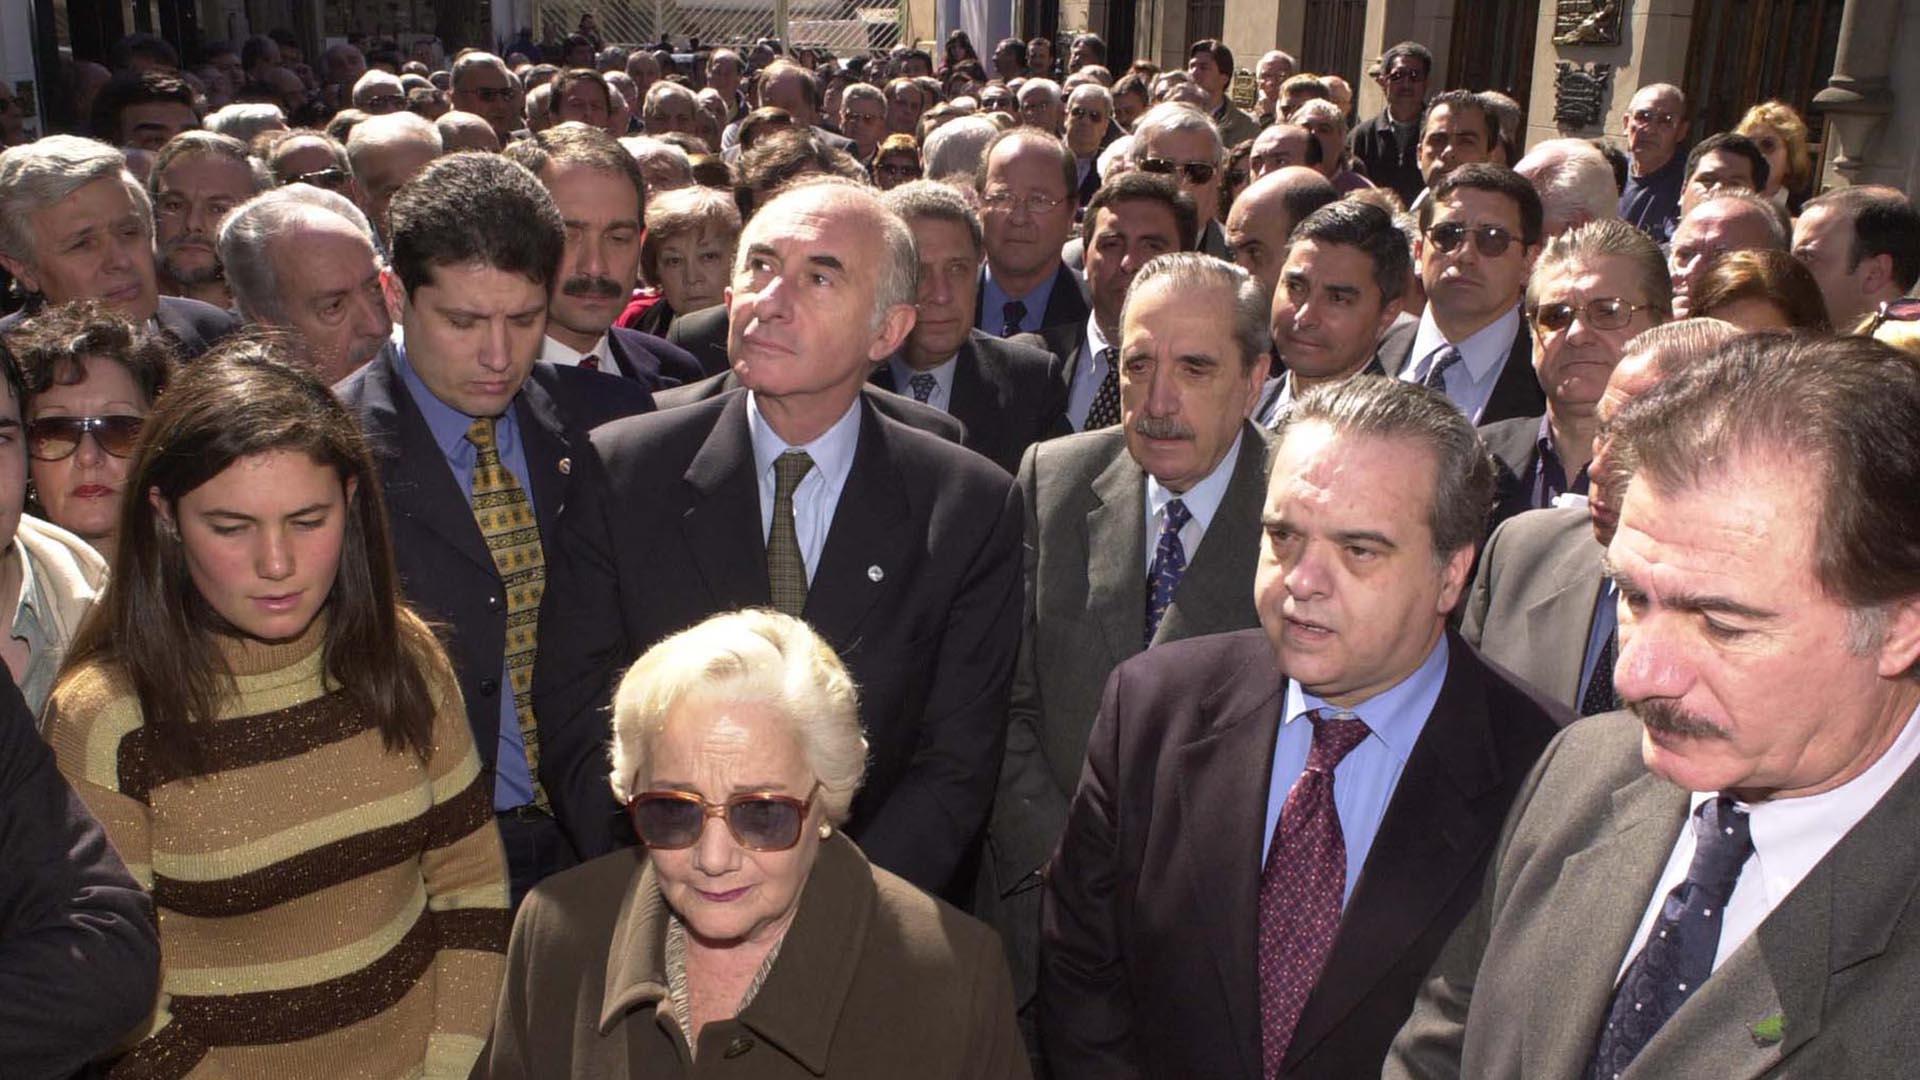 Junto al ex presidente Raúl Alfonsín, el diputado Rafael Pascual y el ex ministro Federico Storani, en el cementerio local durante el homenaje realizado al cumplirse 20 años del fallecimiento del radical Ricardo Balbin